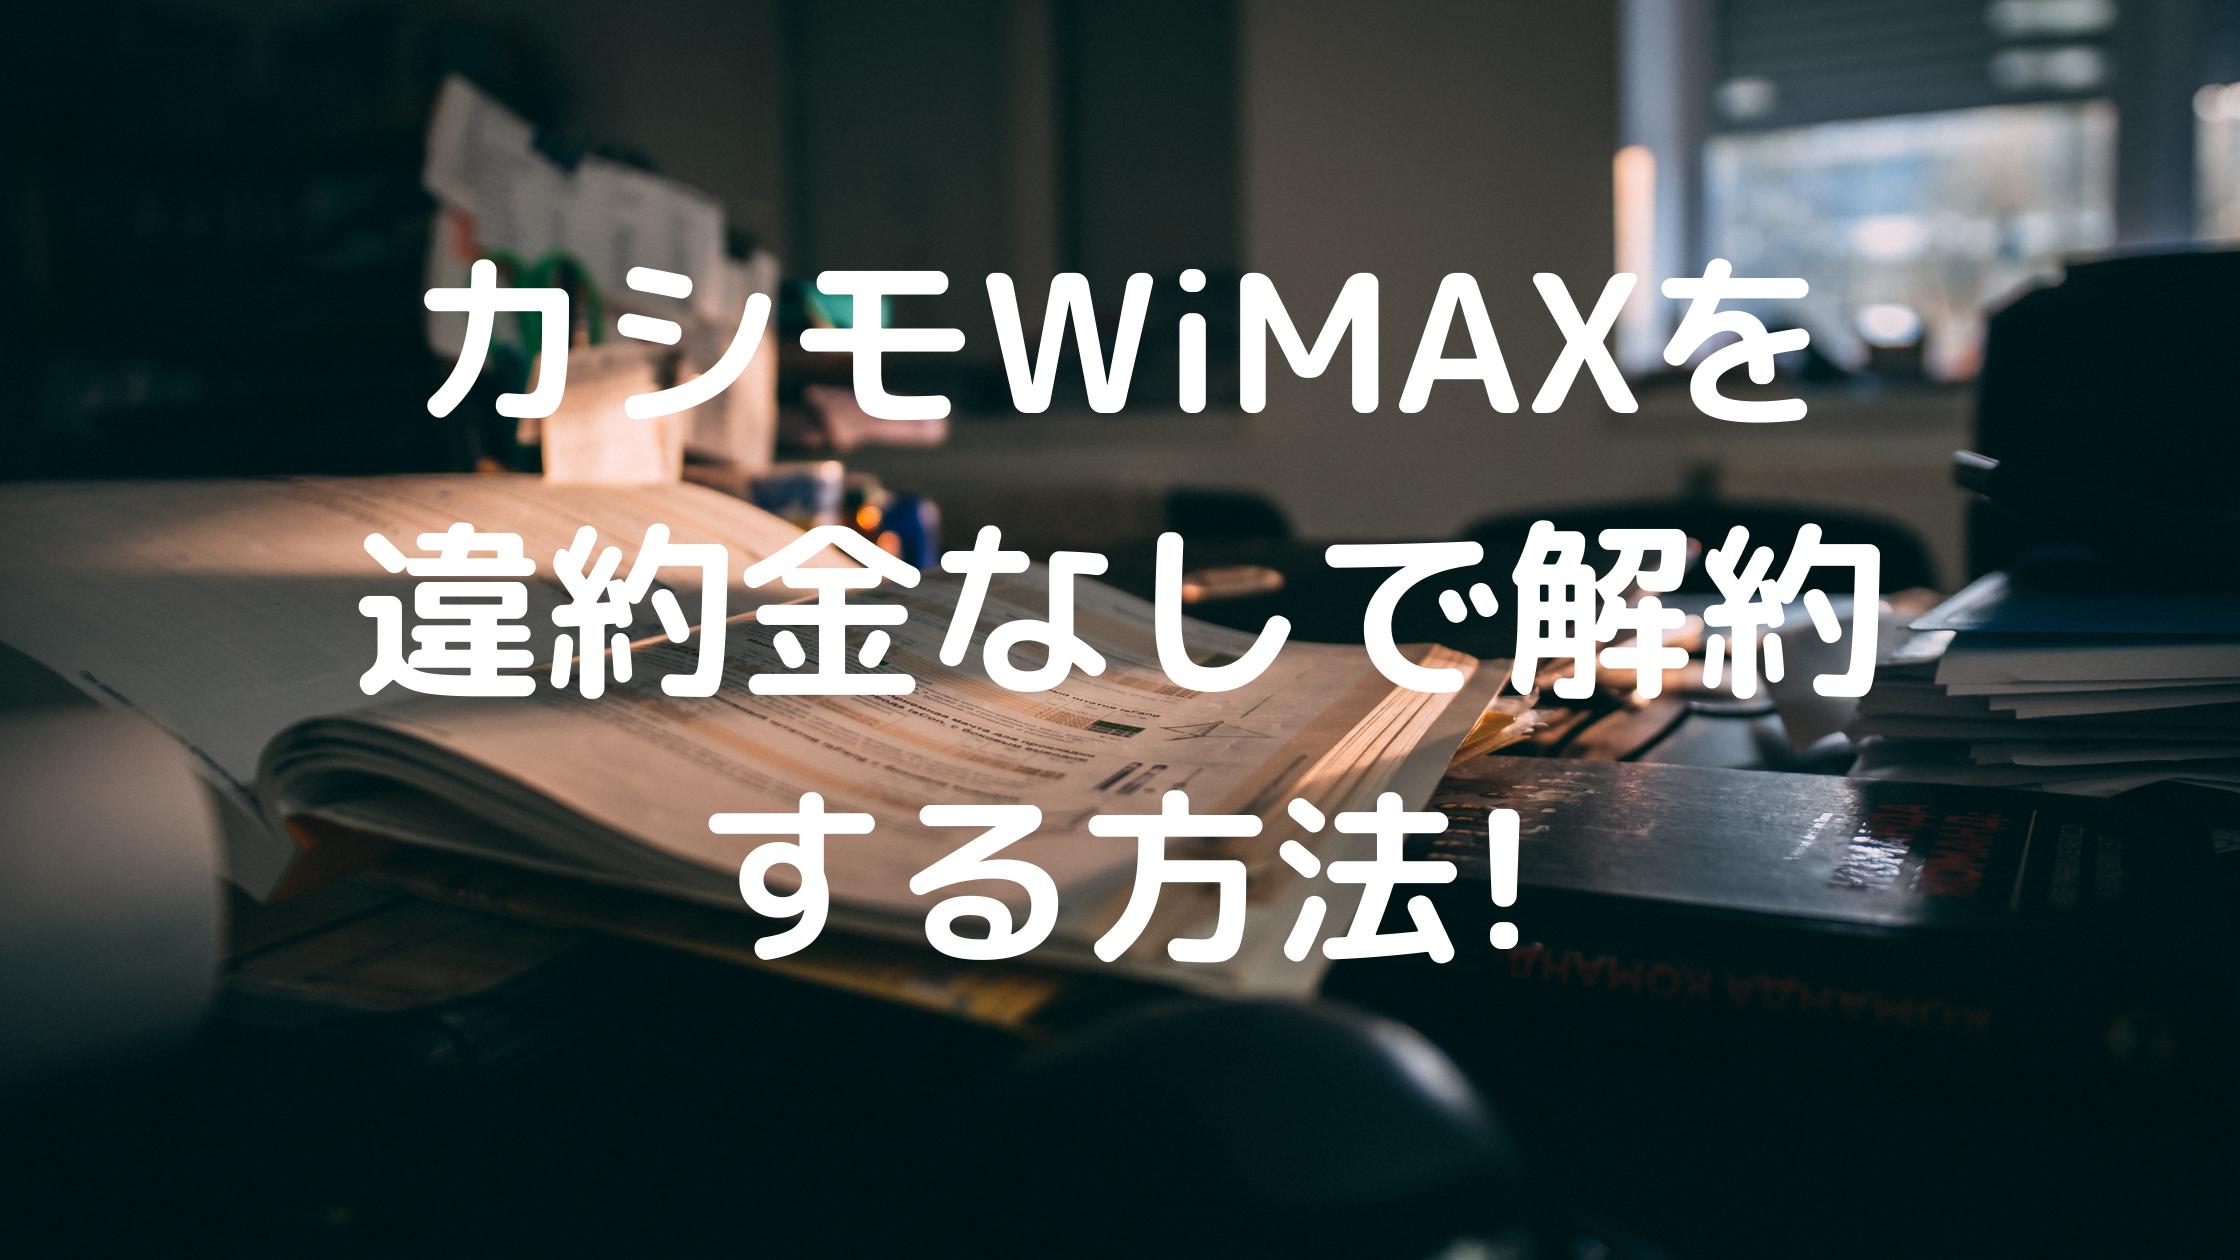 カシモWiMAXの解約の写真